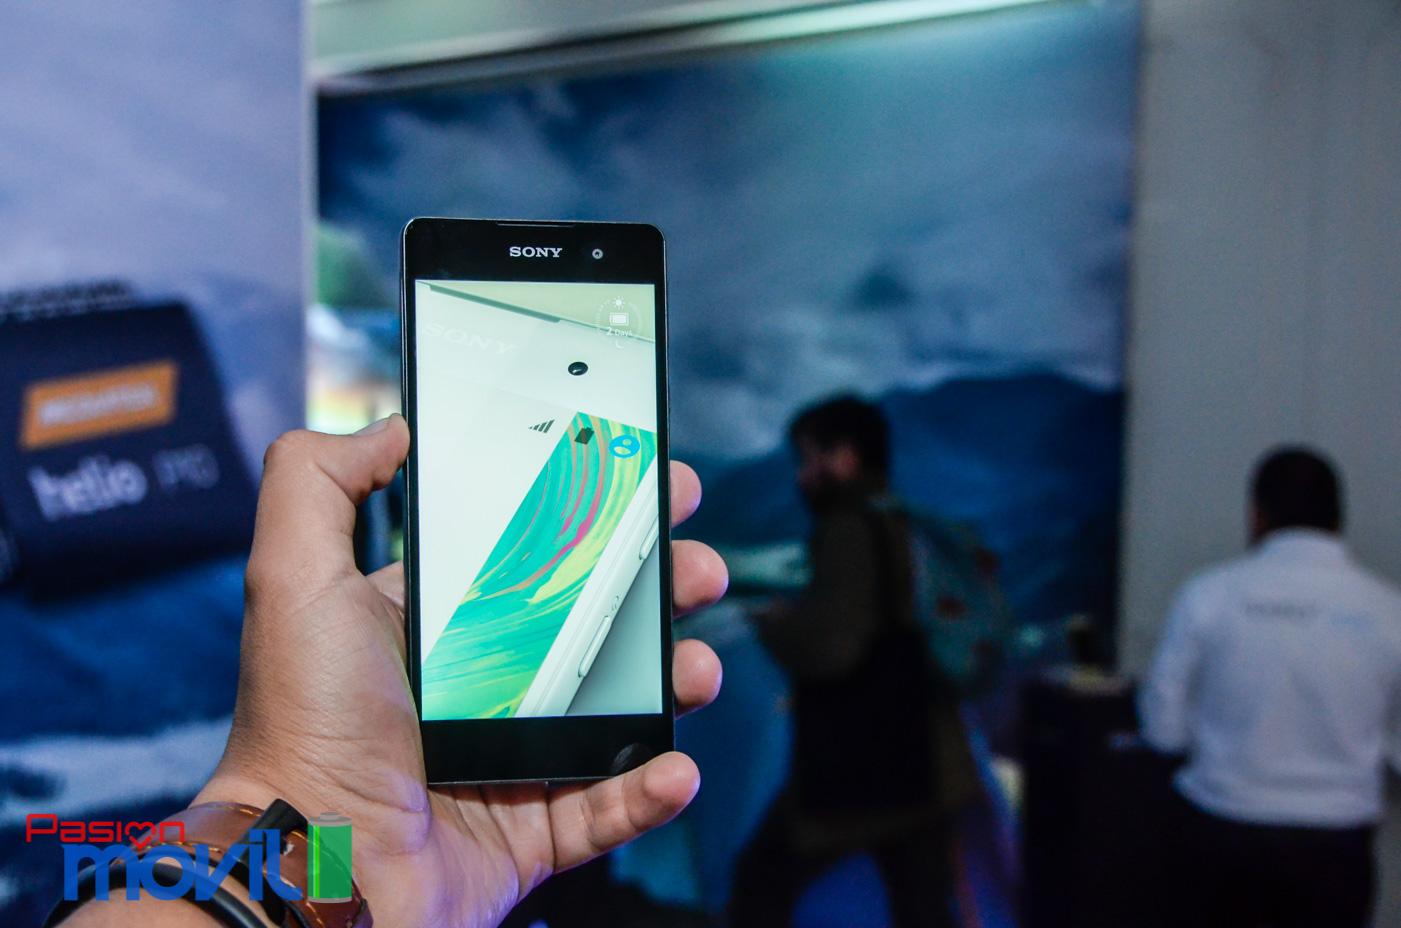 Sony Xperia estrena equipos para la gama media